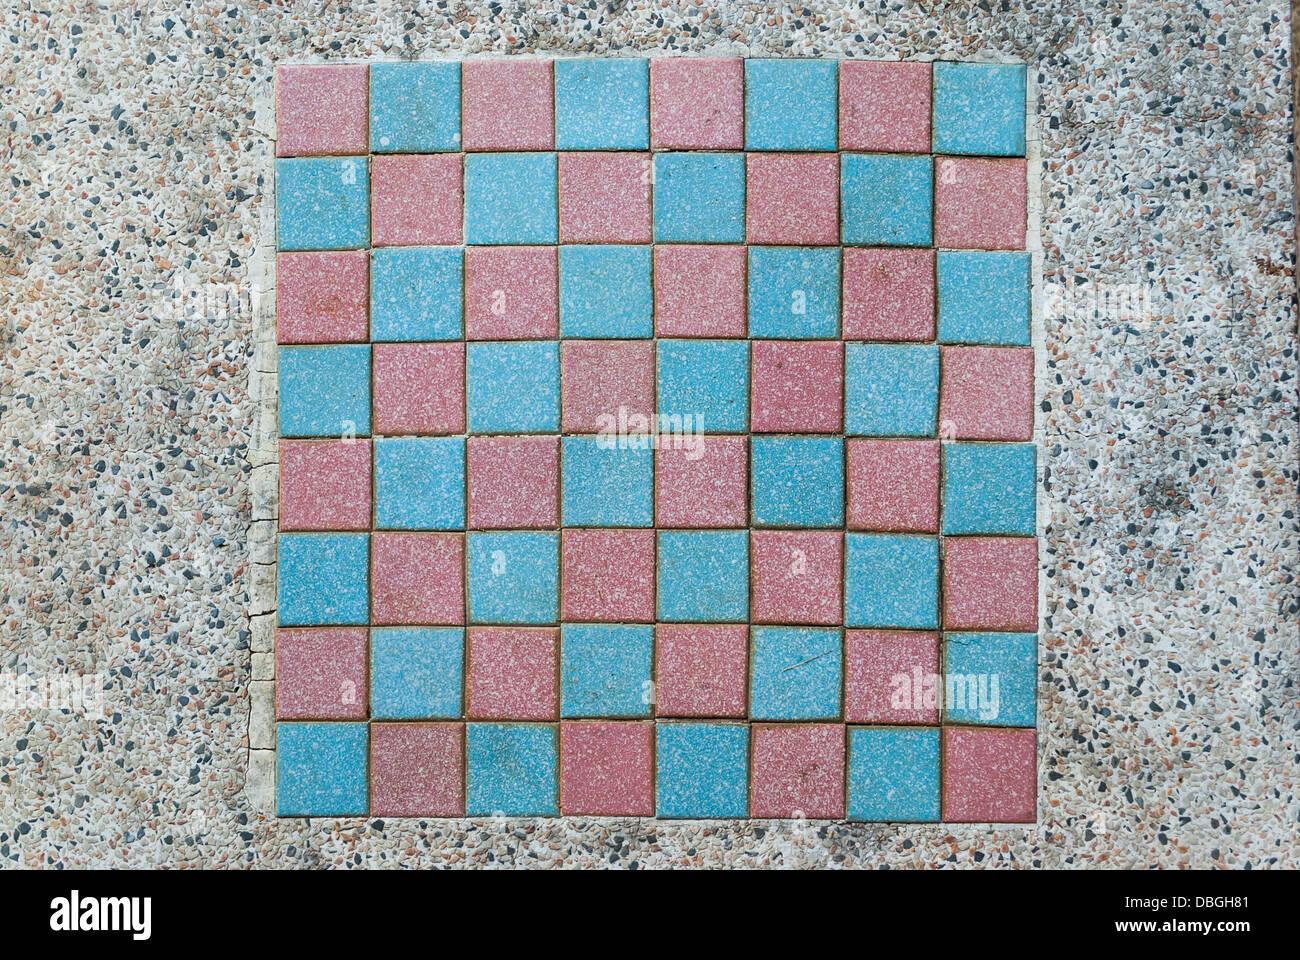 Schachbrett auf marmortisch stockfoto bild 58757105 alamy for Schwarzer marmortisch